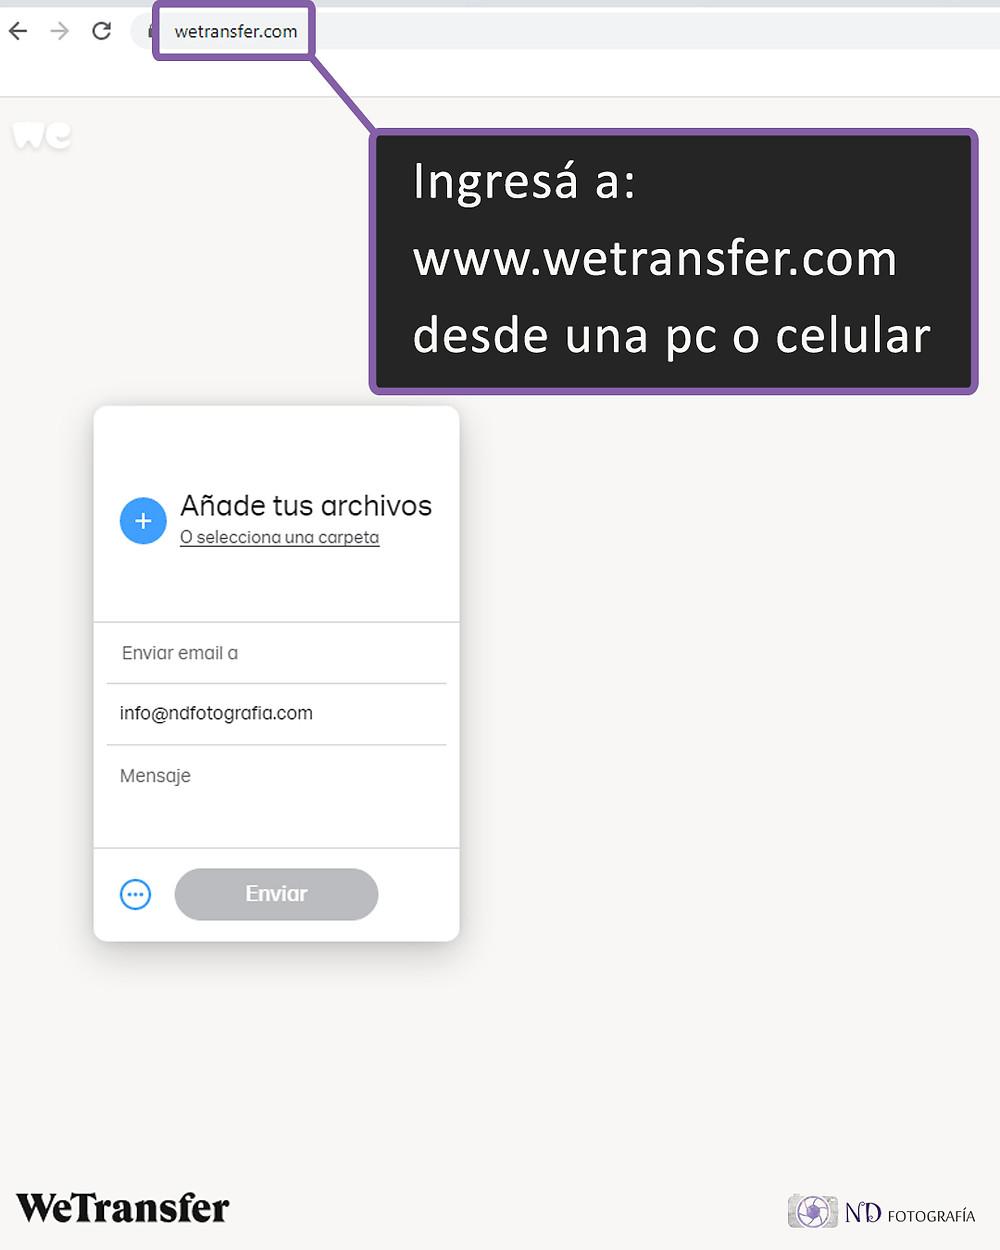 tutorial-para-mandar-fotos-online-wetransfer-paso1